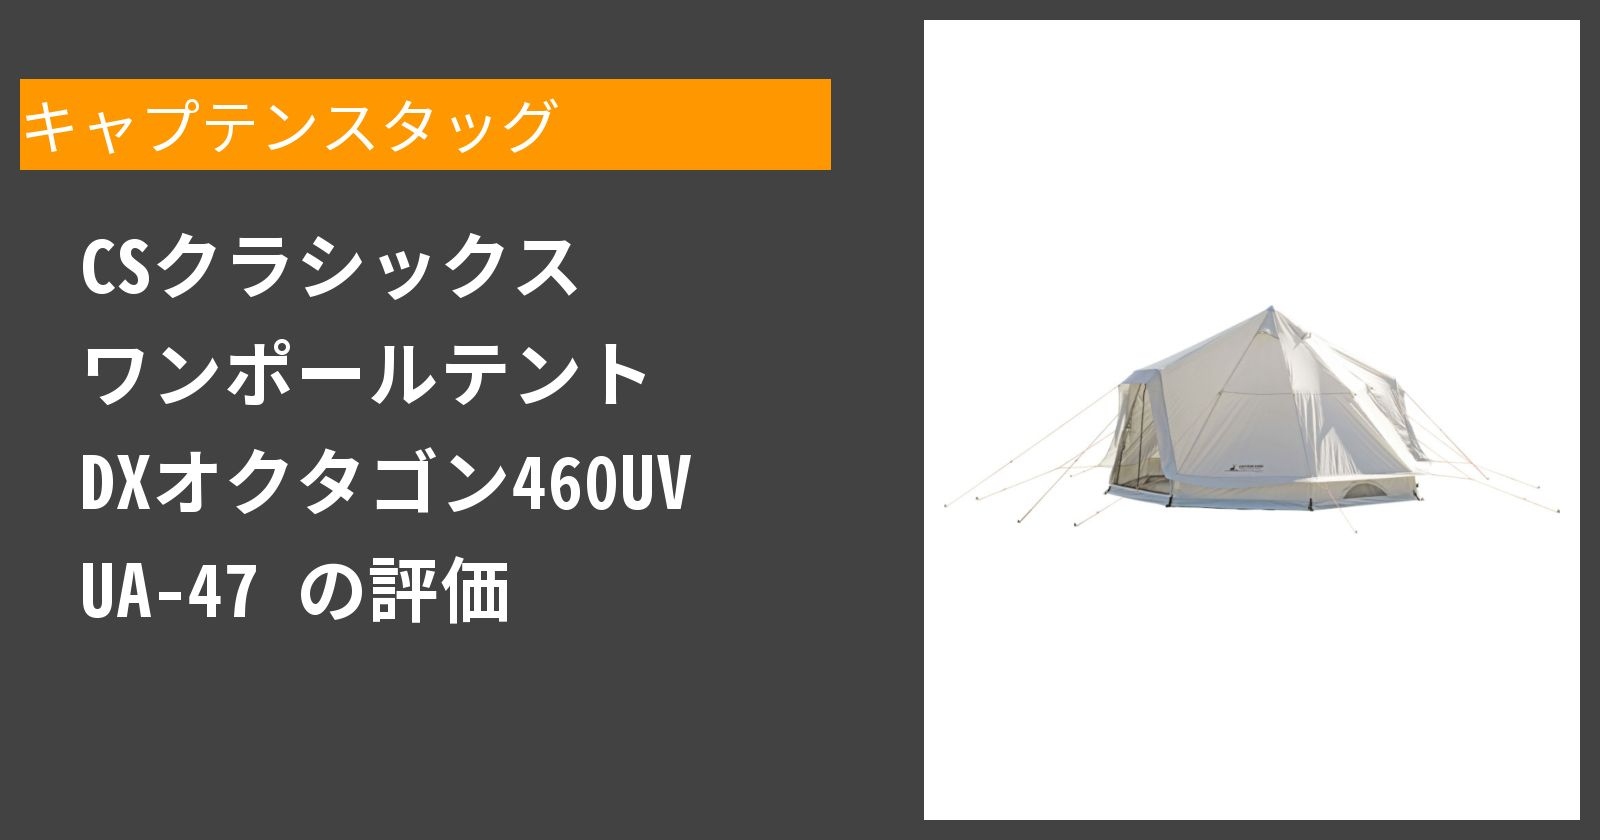 CSクラシックス ワンポールテント DXオクタゴン460UV UA-47を徹底評価